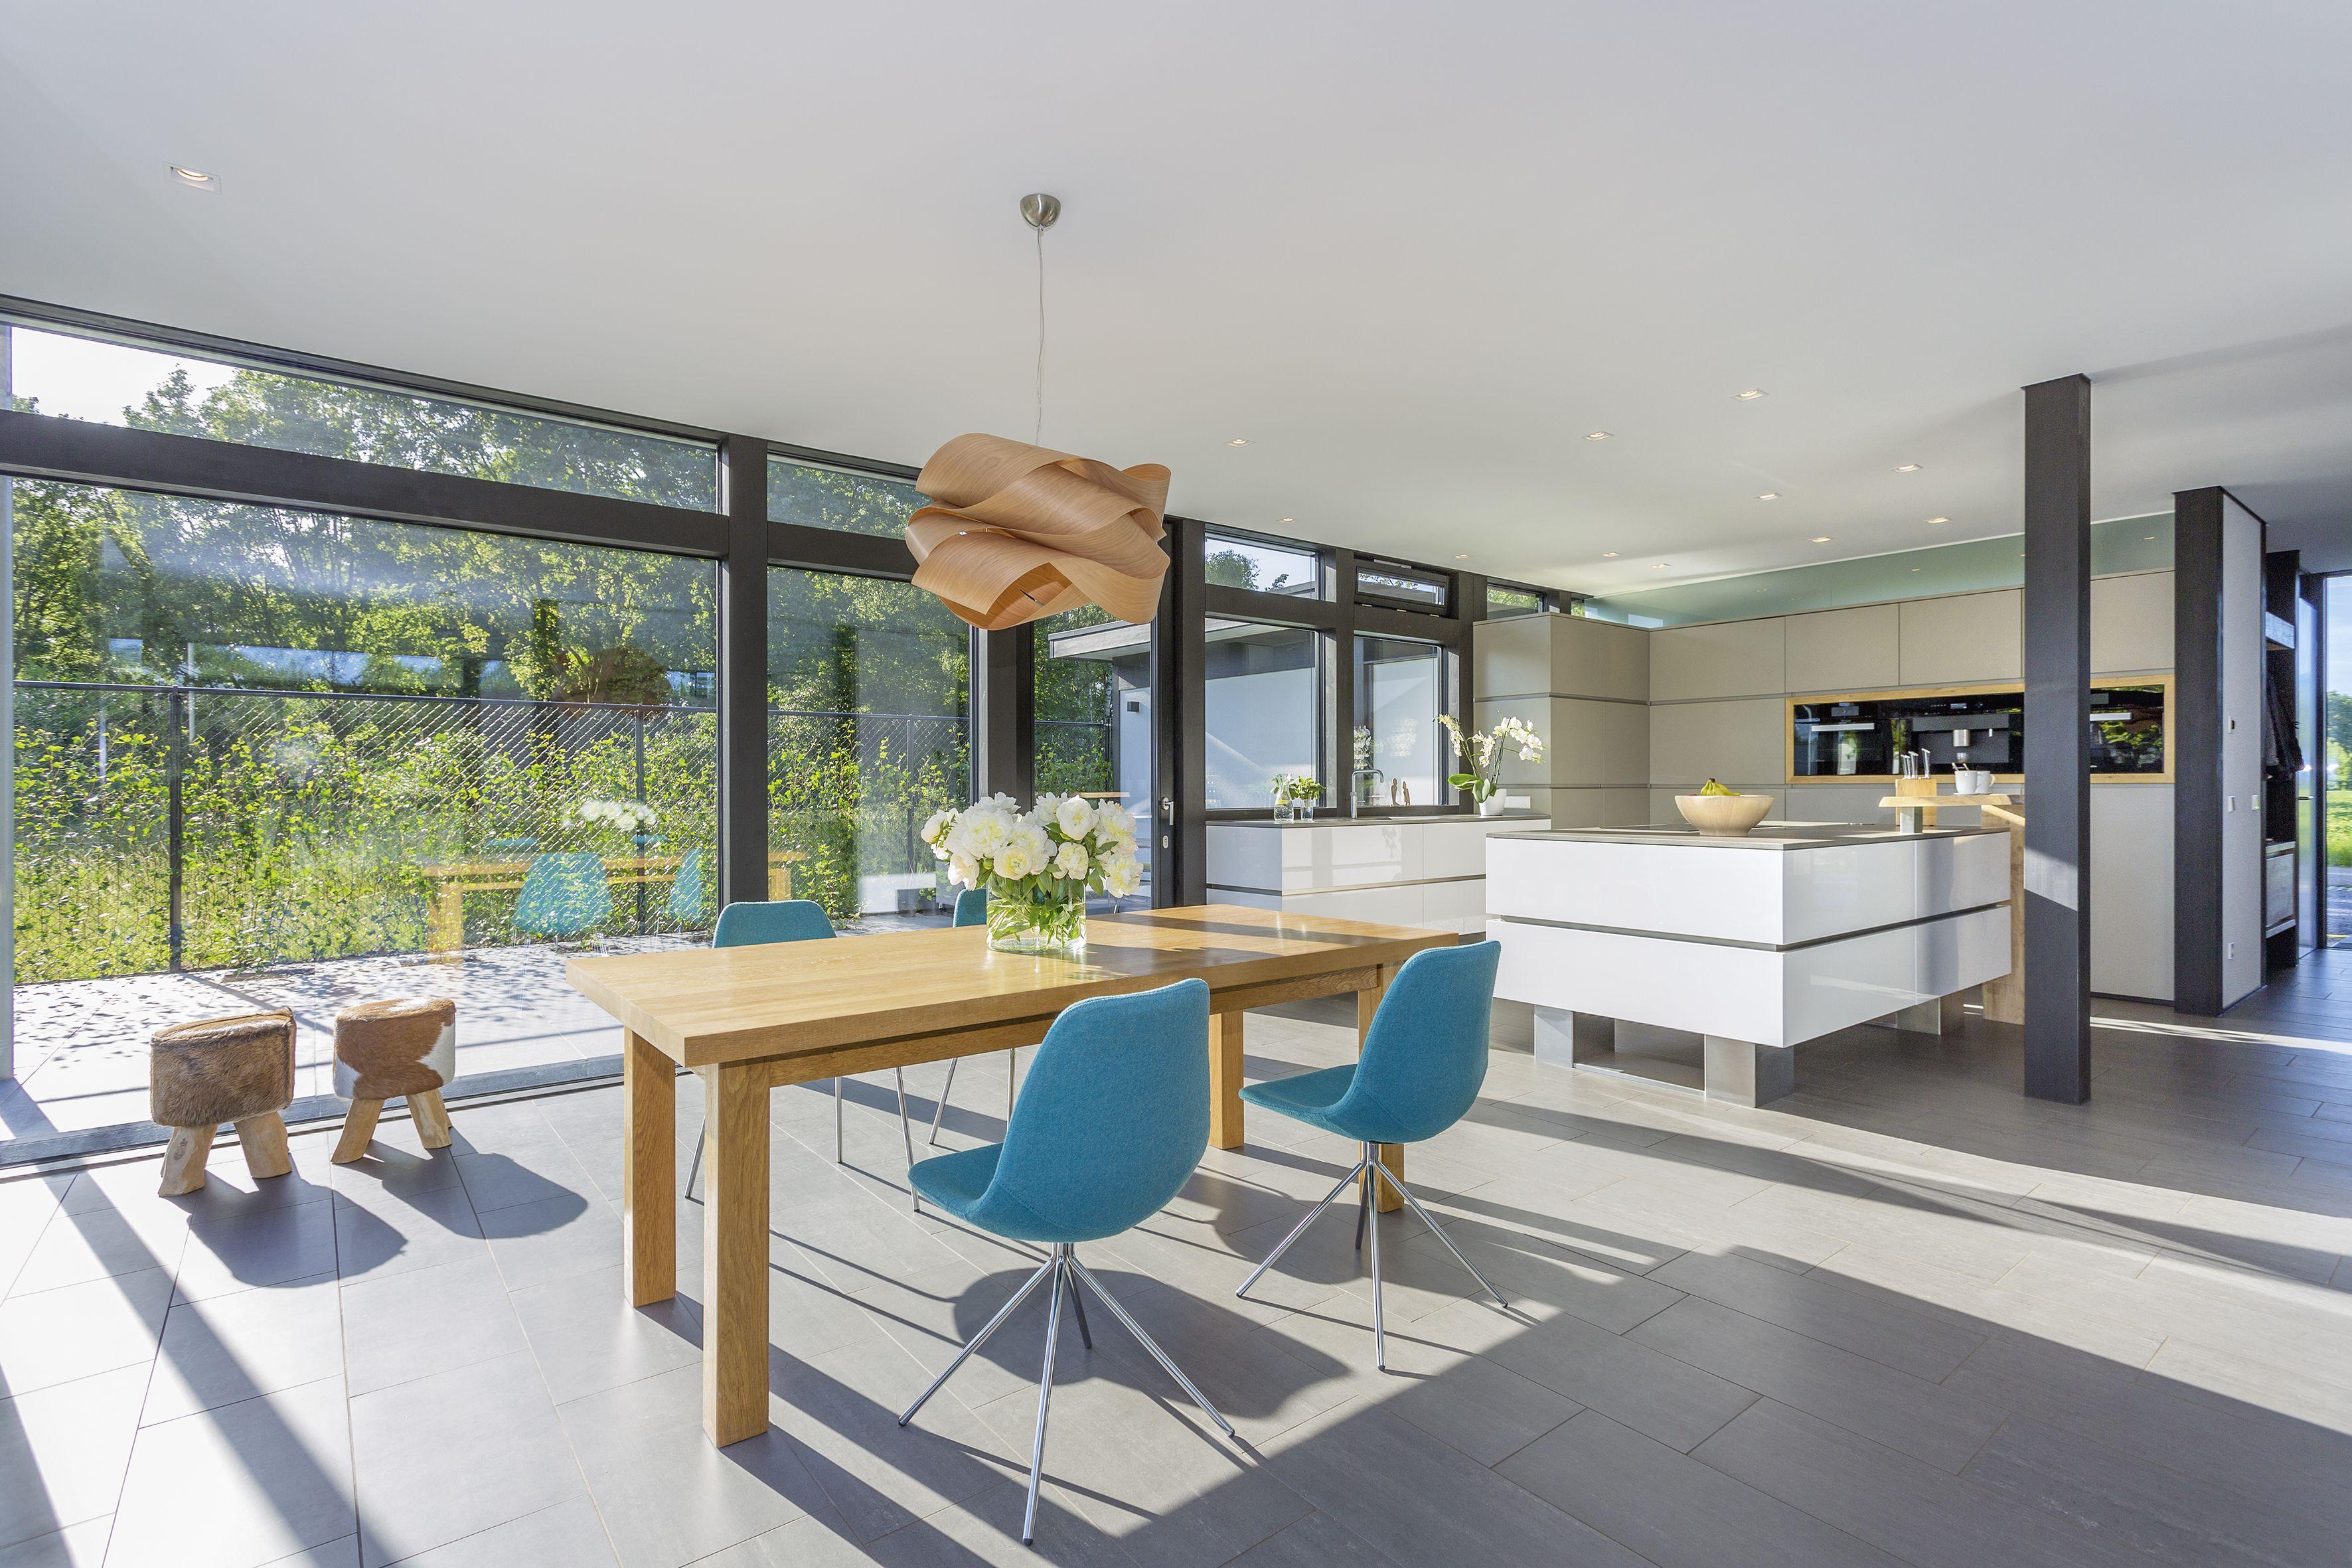 HUF HAUS MODUM 8er in 2019 | Haus, Bauhausstil und Küchendesign